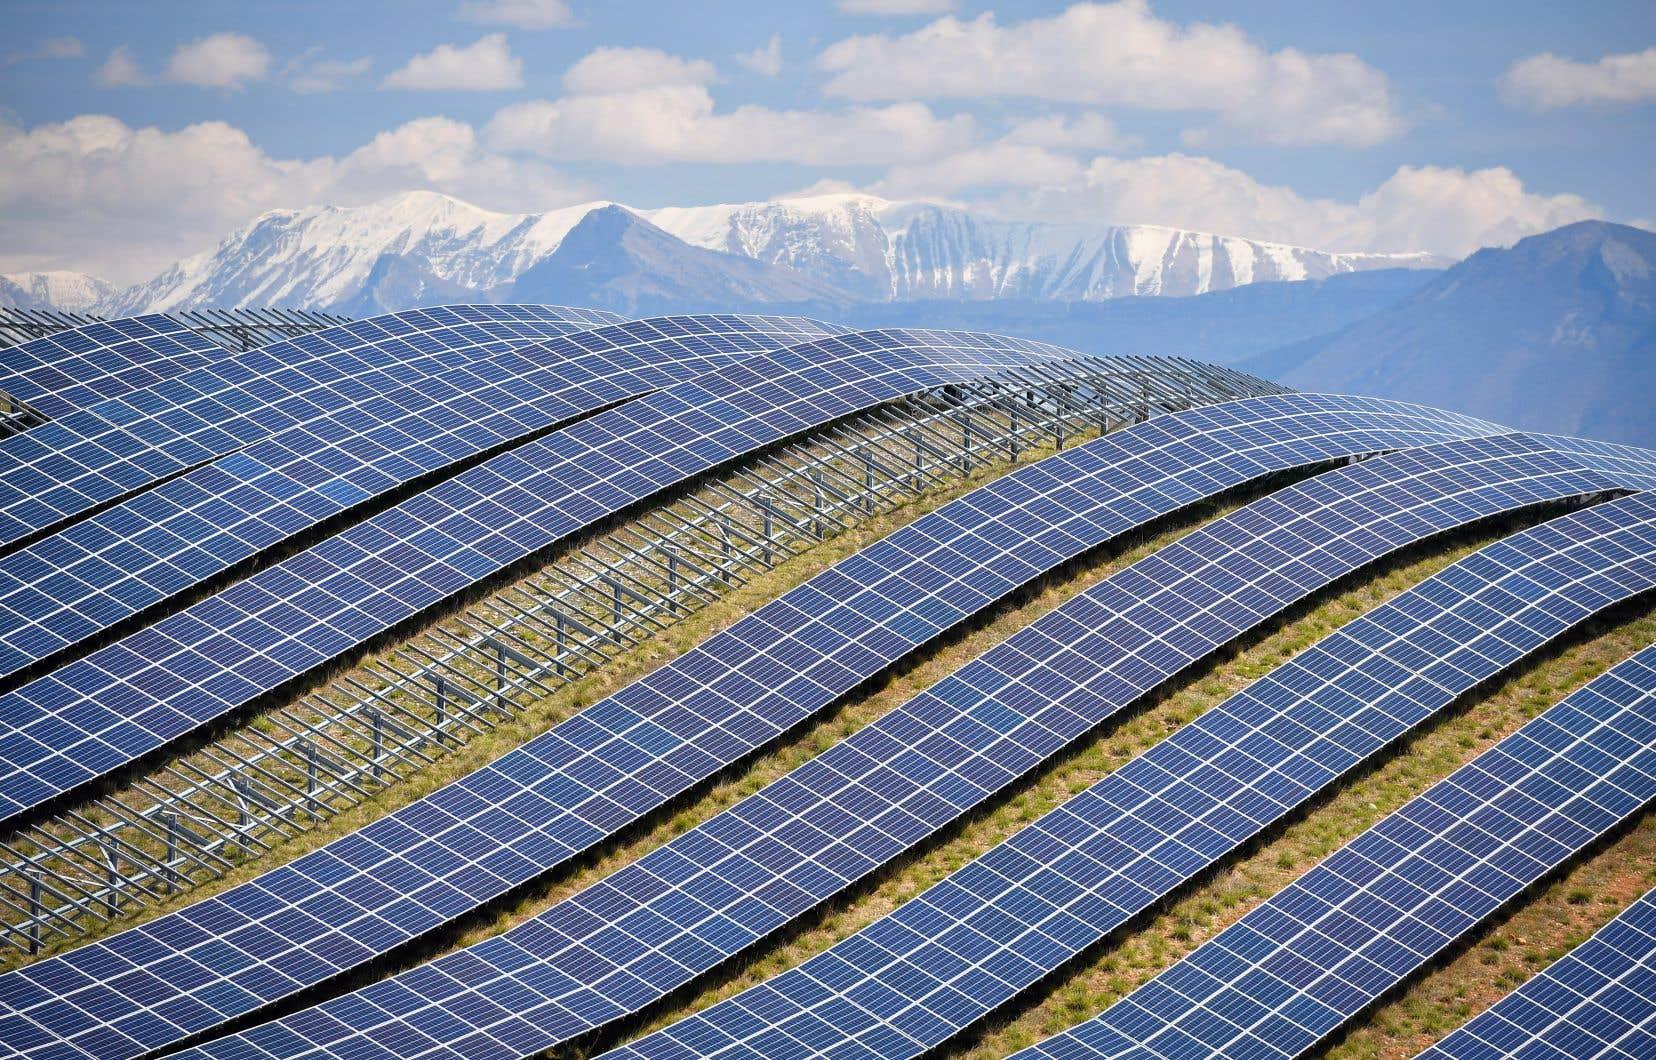 Les énergies éolienne terrestre et solaire photovoltaïque pourraient bientôt offrir une électricité moins chère que toute autre option basée sur les combustibles fossiles.